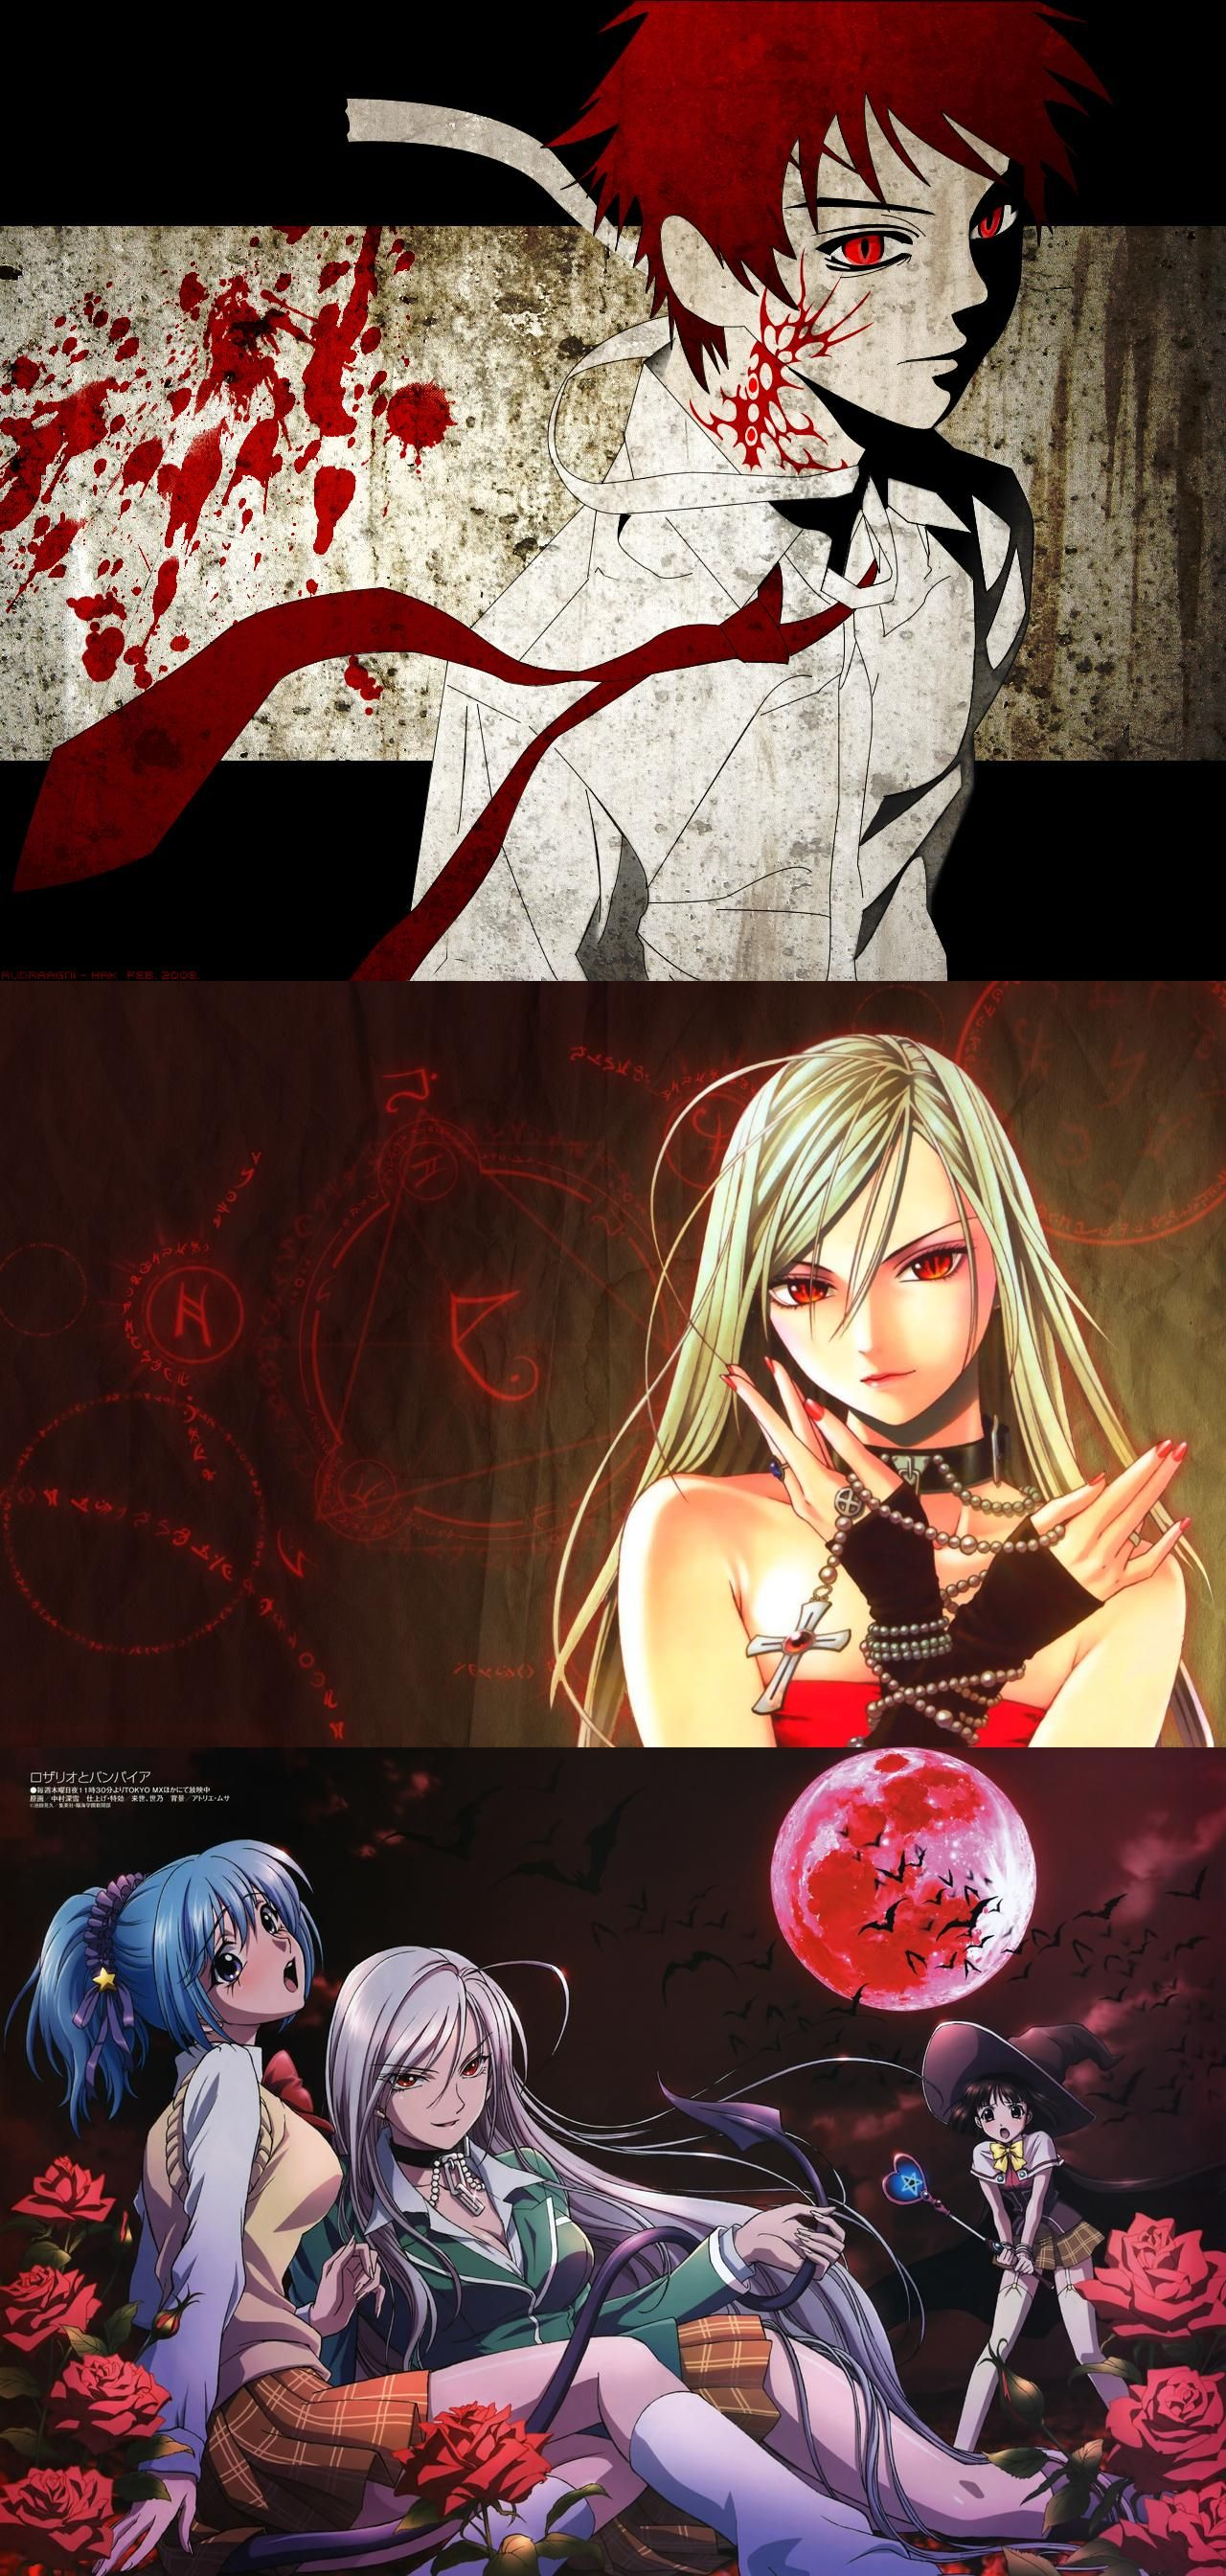 Rosario to Vampire Rosario vampire, Anime, Vampire